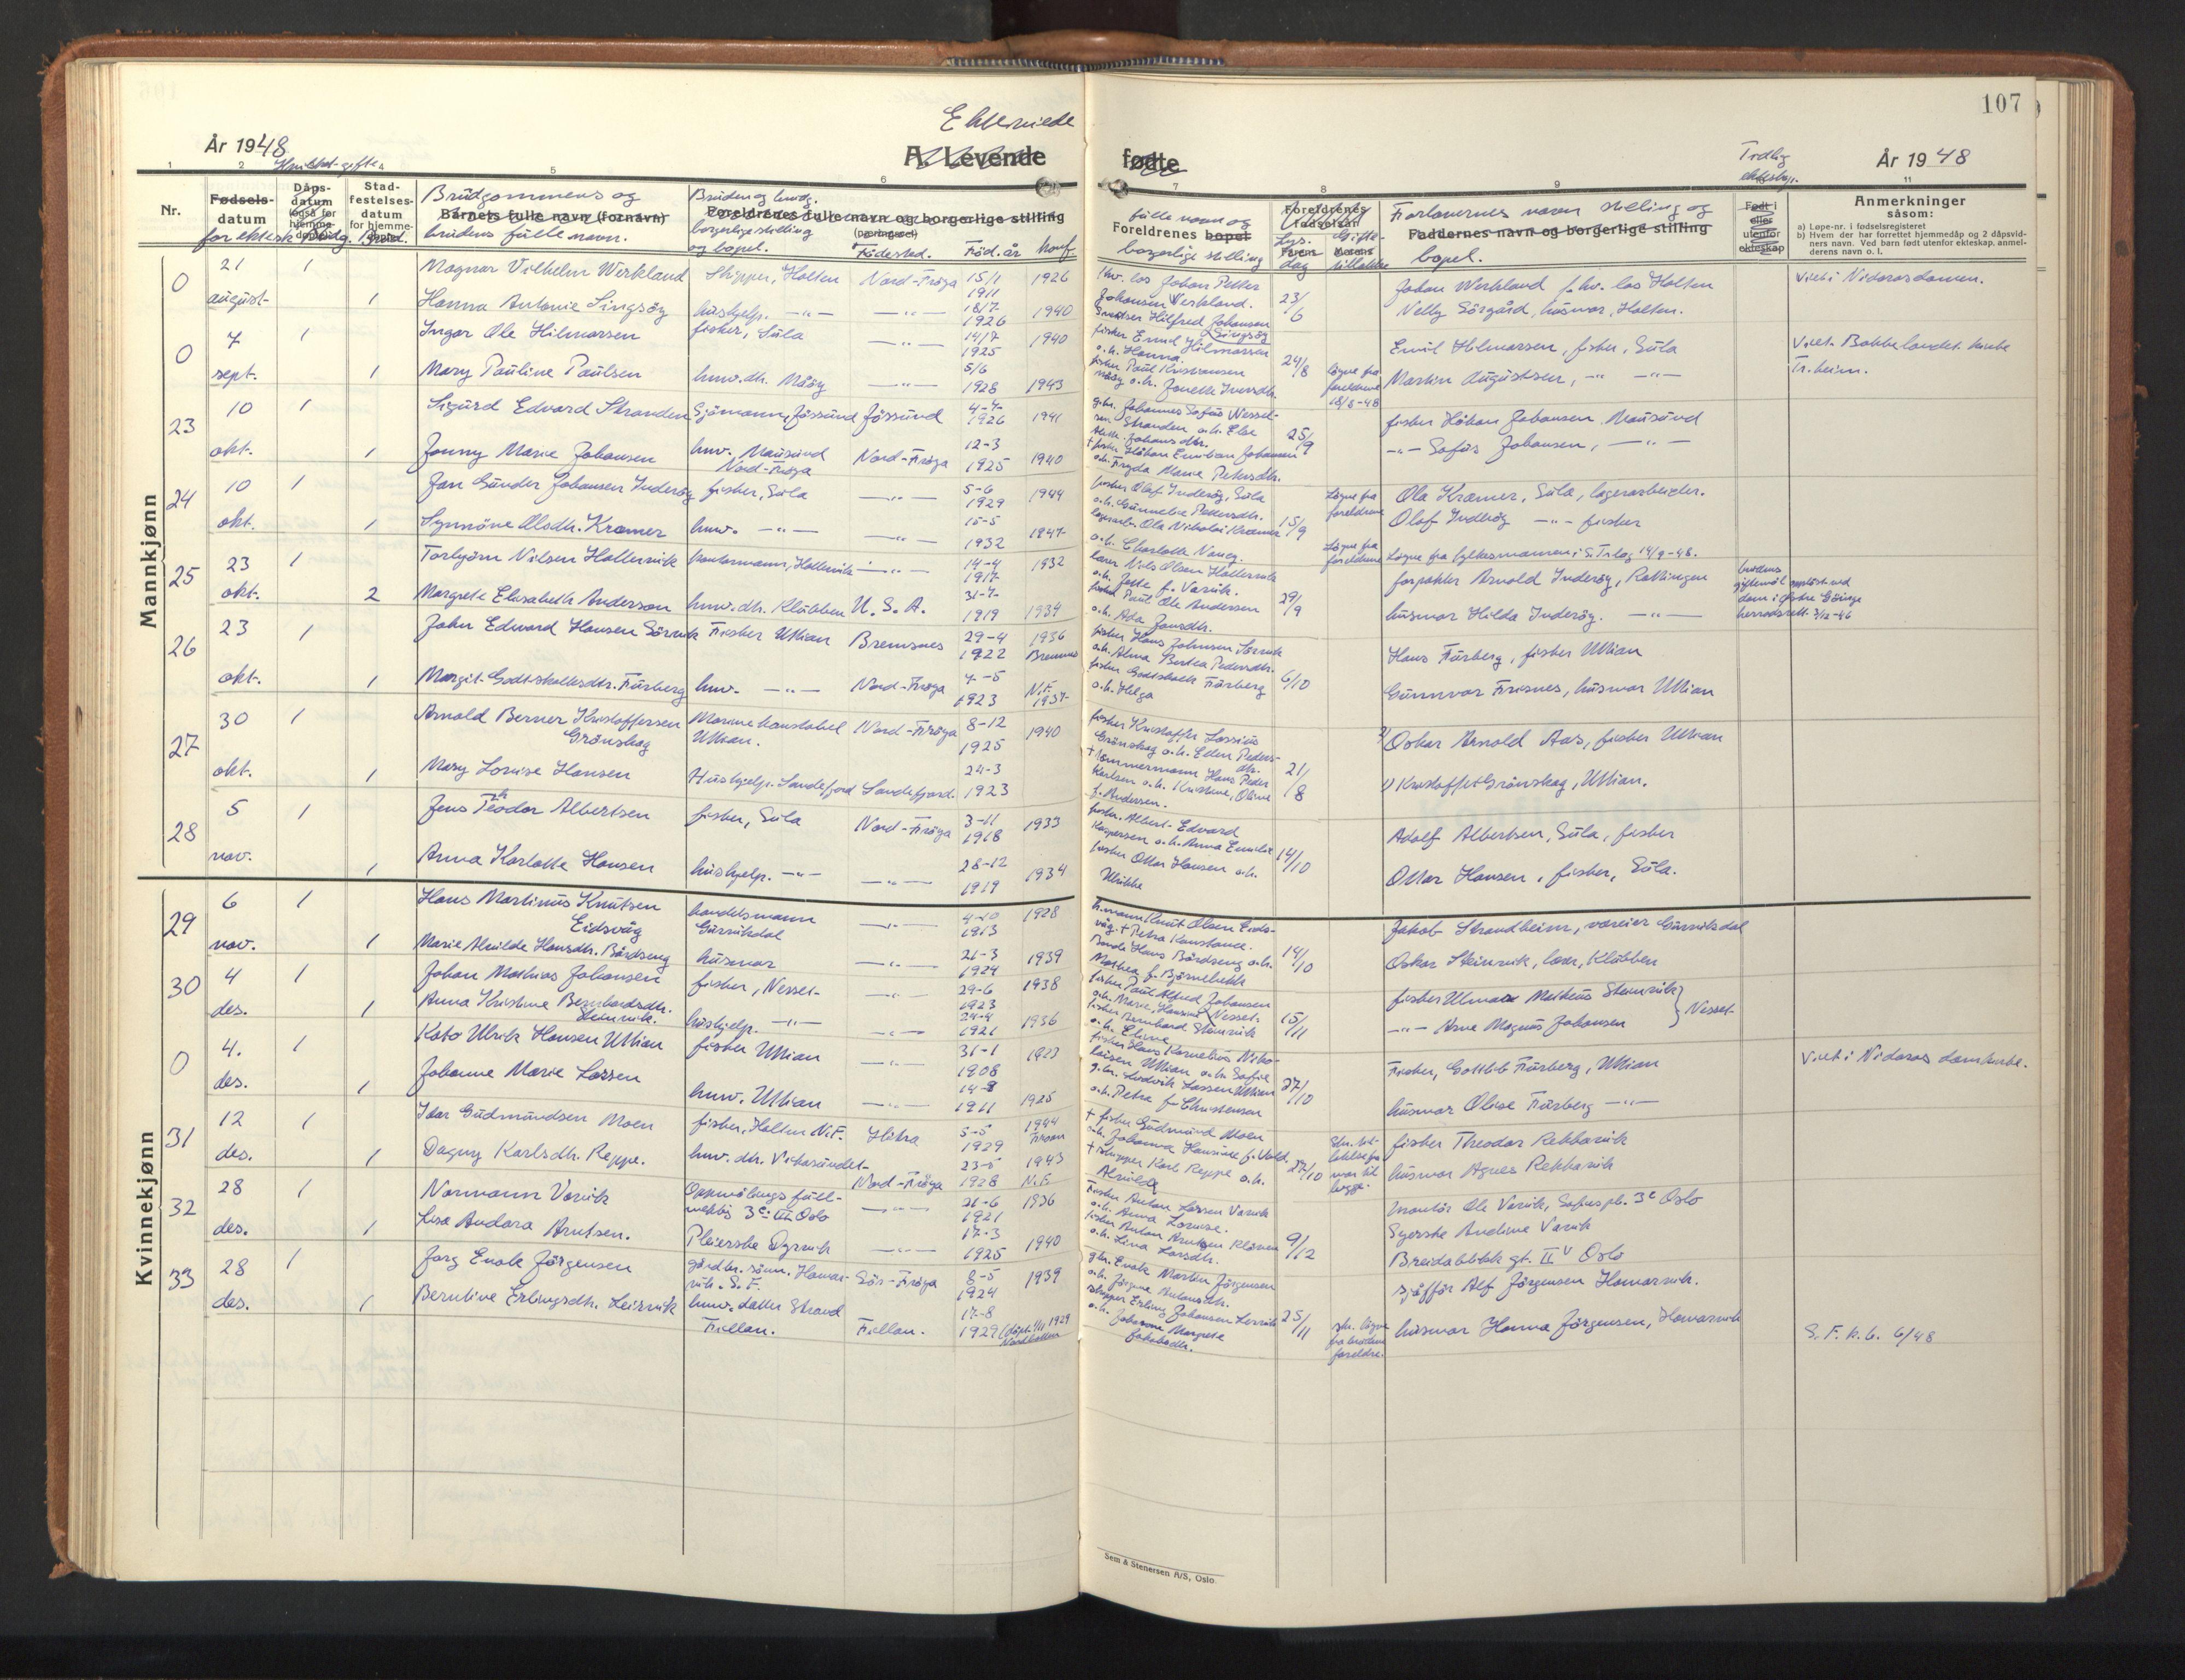 SAT, Ministerialprotokoller, klokkerbøker og fødselsregistre - Sør-Trøndelag, 640/L0590: Klokkerbok nr. 640C07, 1935-1948, s. 107